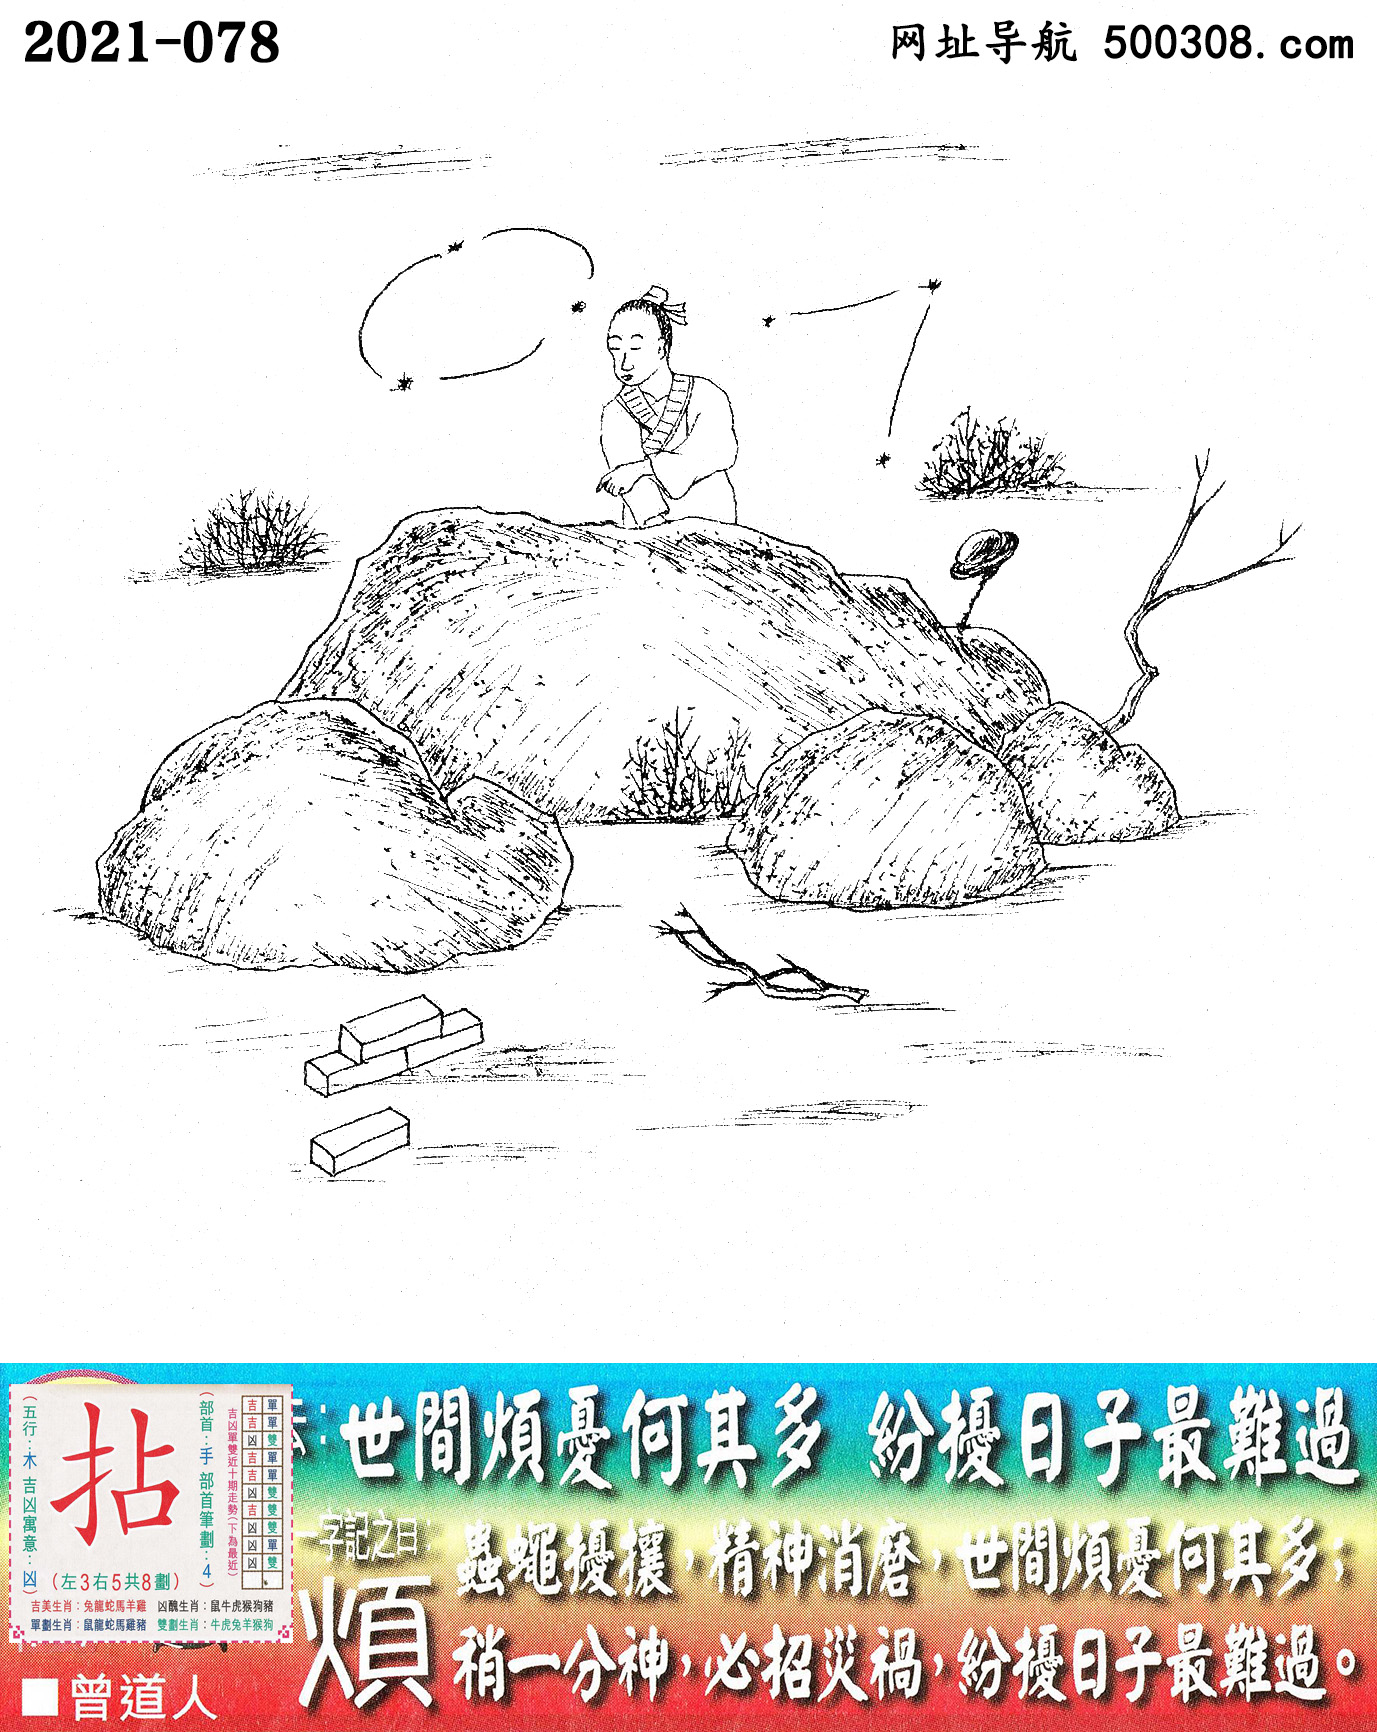 078期老版跑狗一字�之曰:【��】_��:世�g烦�n何其多,纷�_日子最�y�^。